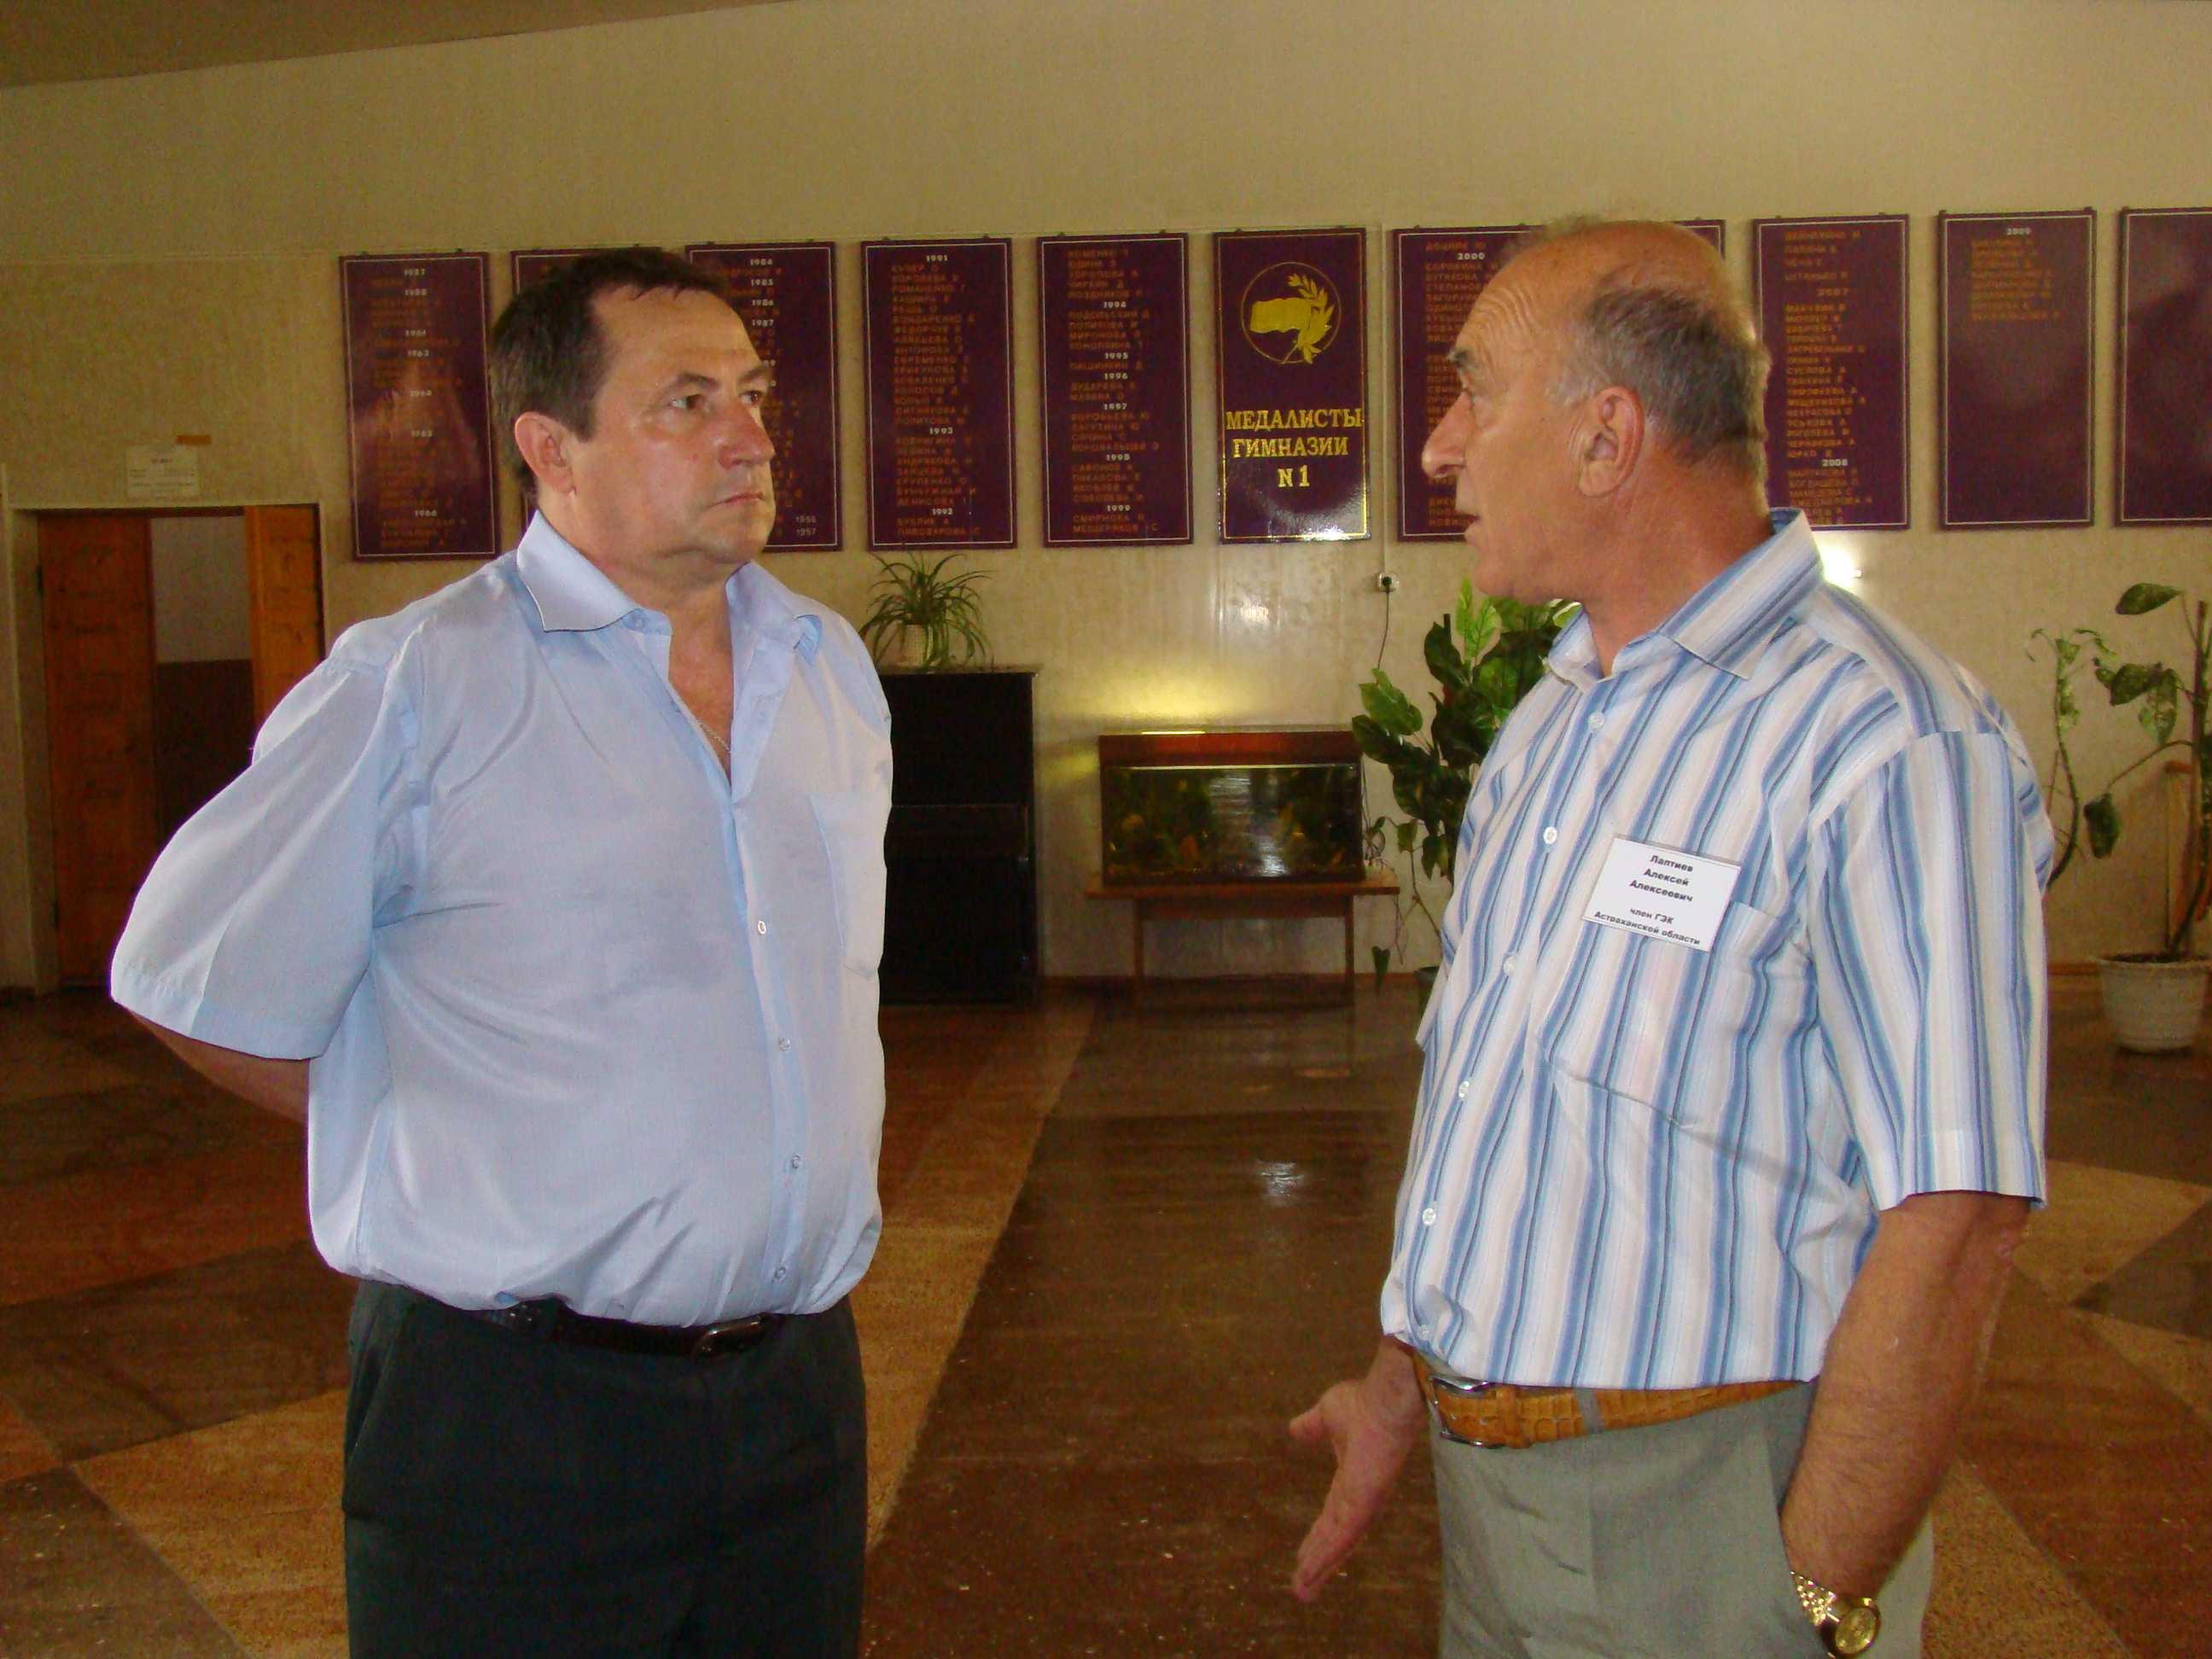 У министра своя система поощрения: Областная августовская педагогическая конференция  будет проходить на базе Ахтубинска